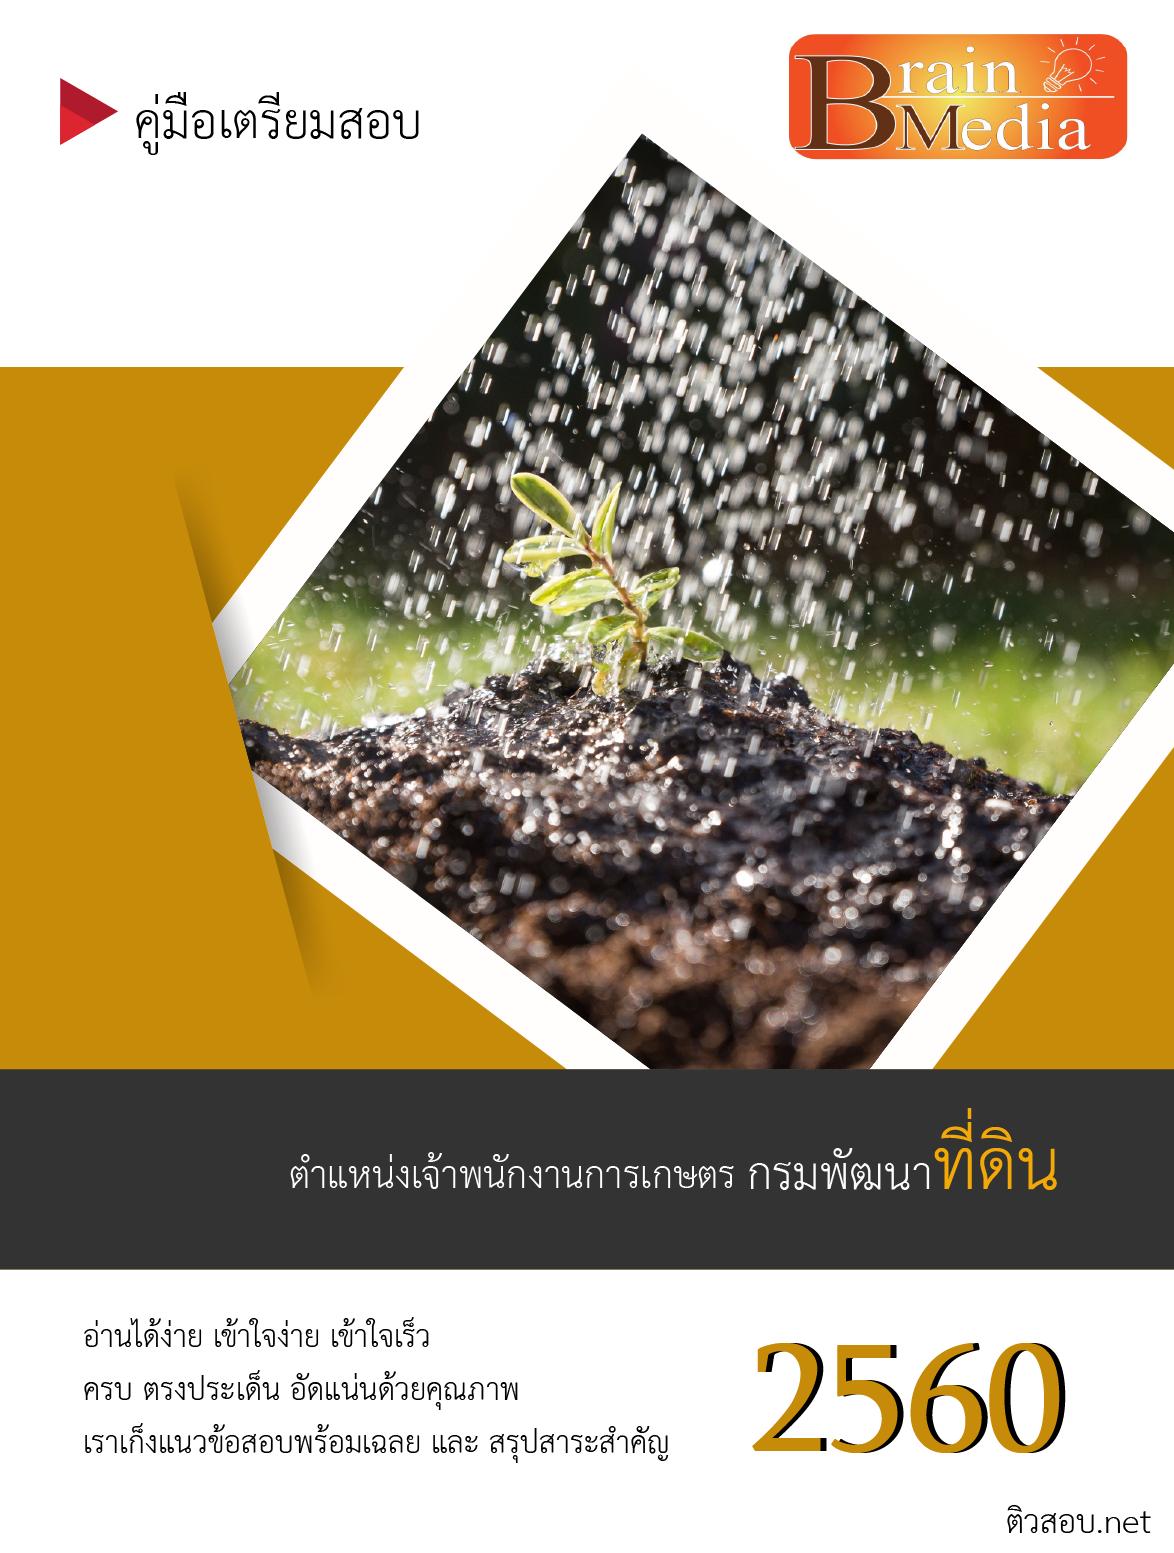 เฉลยแนวข้อสอบ เจ้าพนักงานการเกษตร กรมพัฒนาที่ดิน